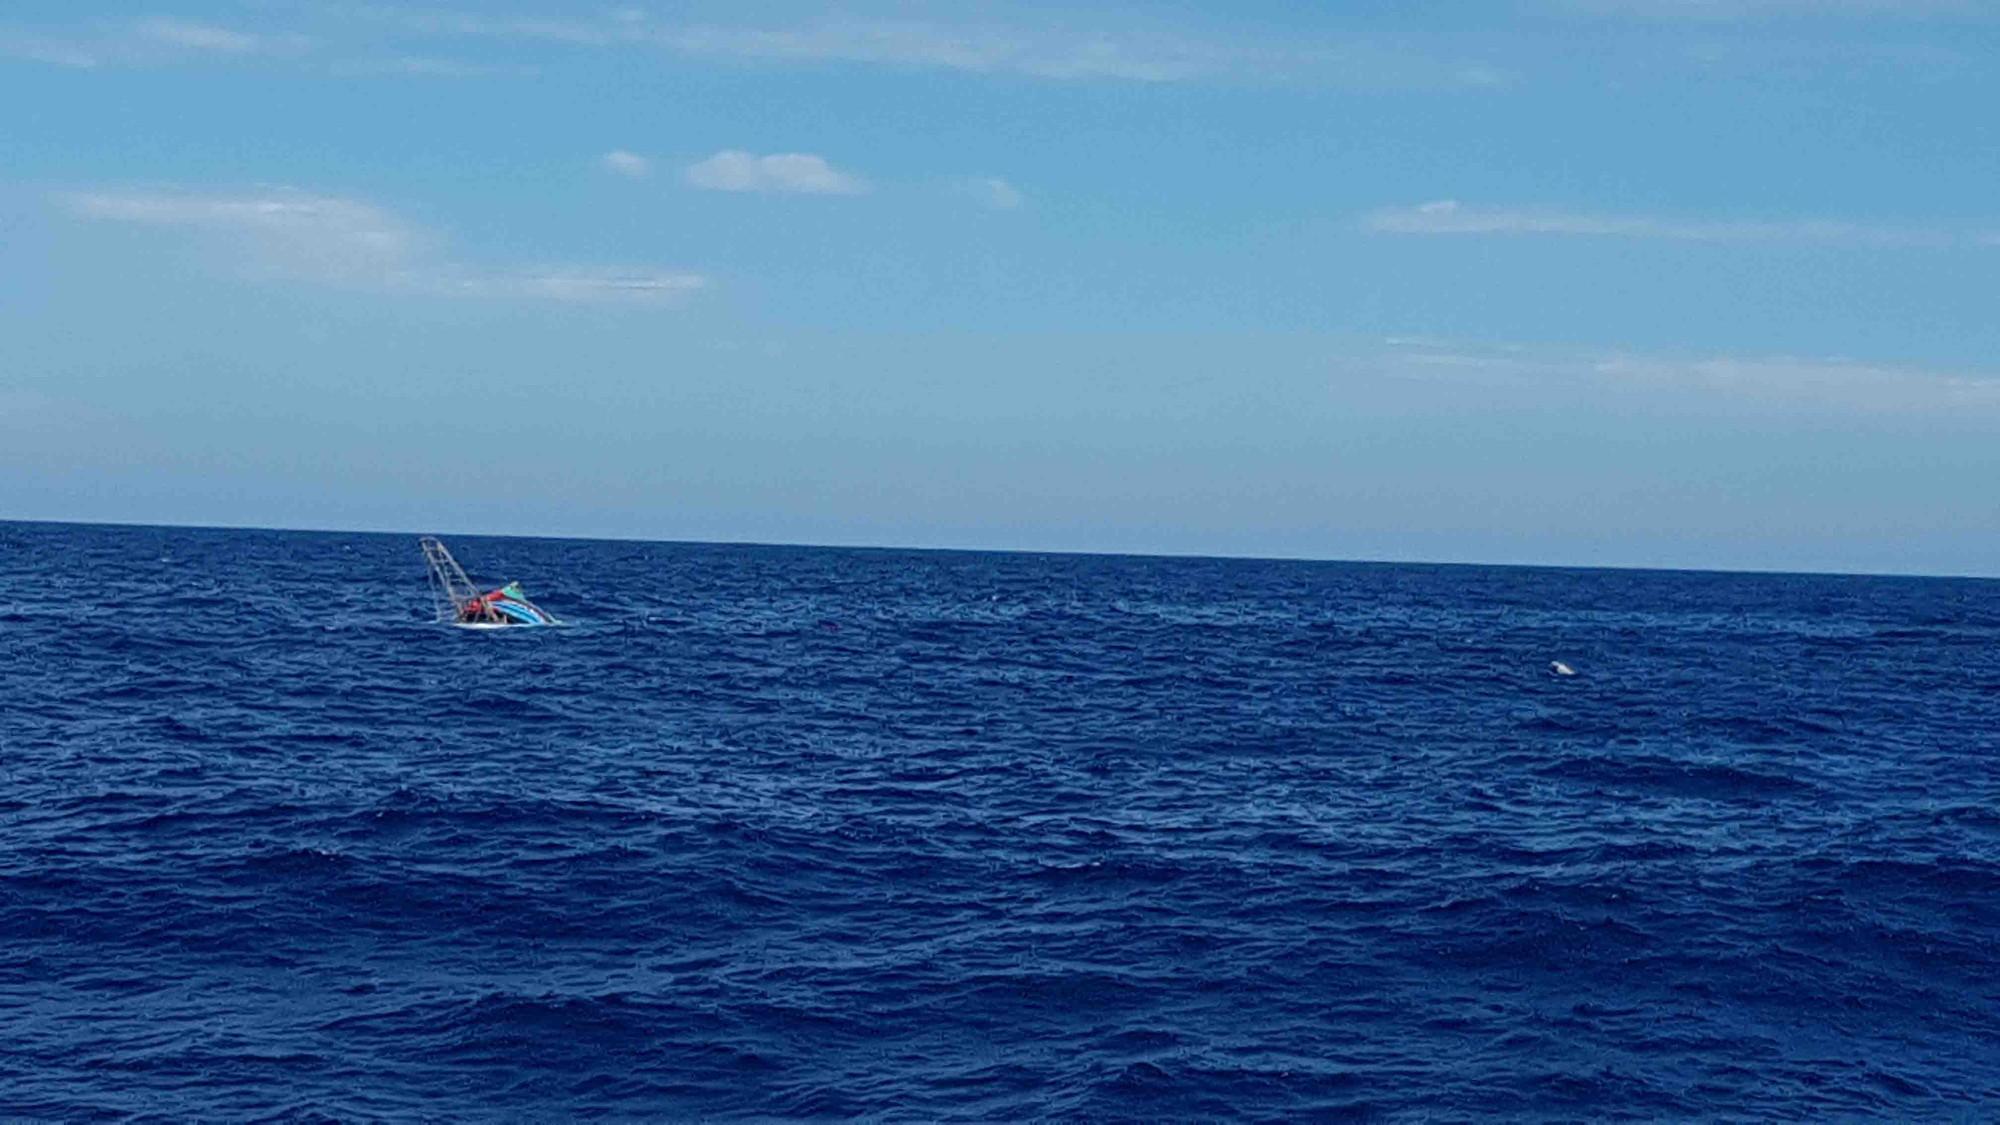 Tàu QB 93838 TS đã chìm hoàn toàn lúc 12h00 ngày 11